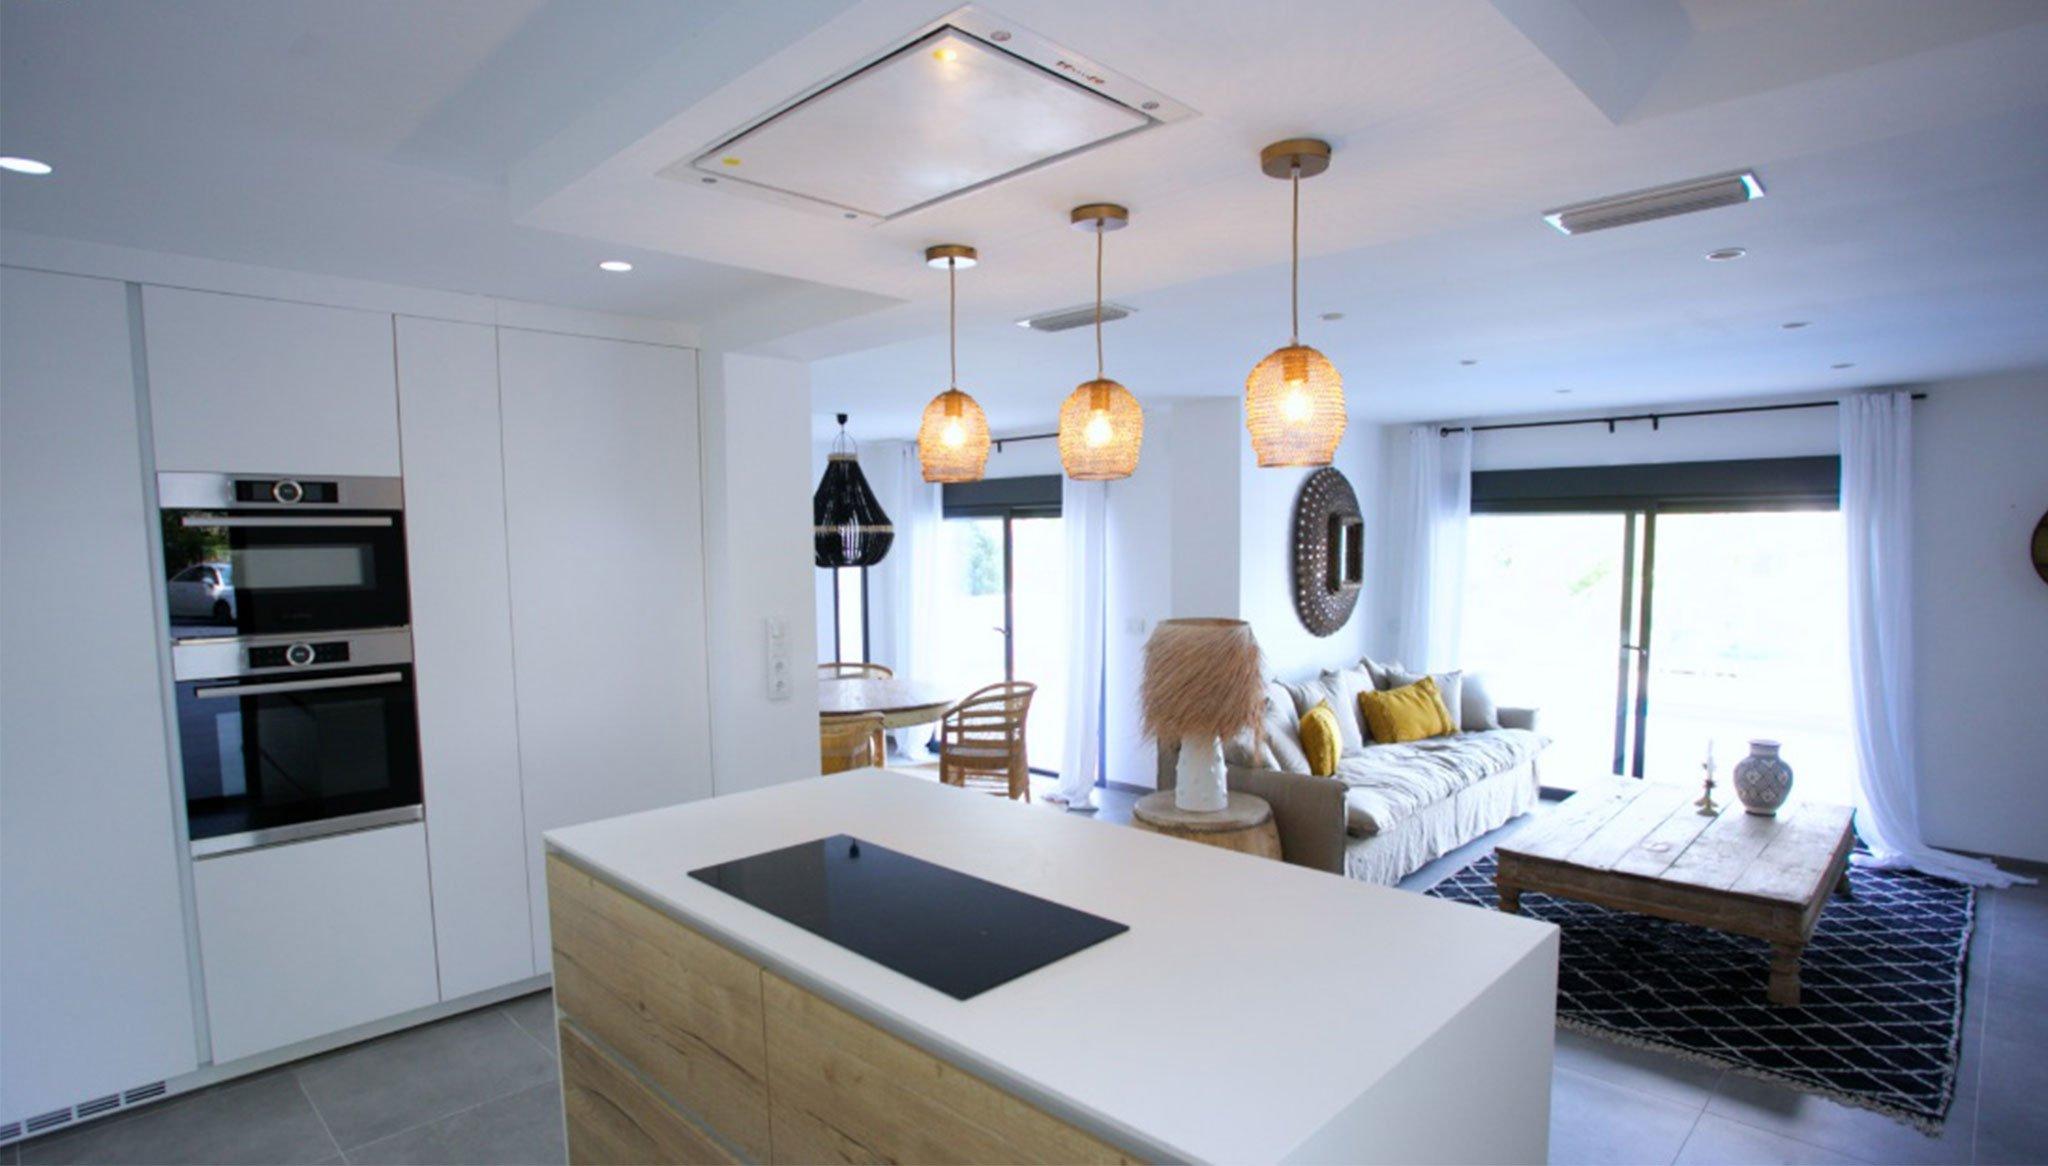 Volledig ingerichte keuken met centraal eiland in een luxevilla - Fine & Country Costa Blanca Noord